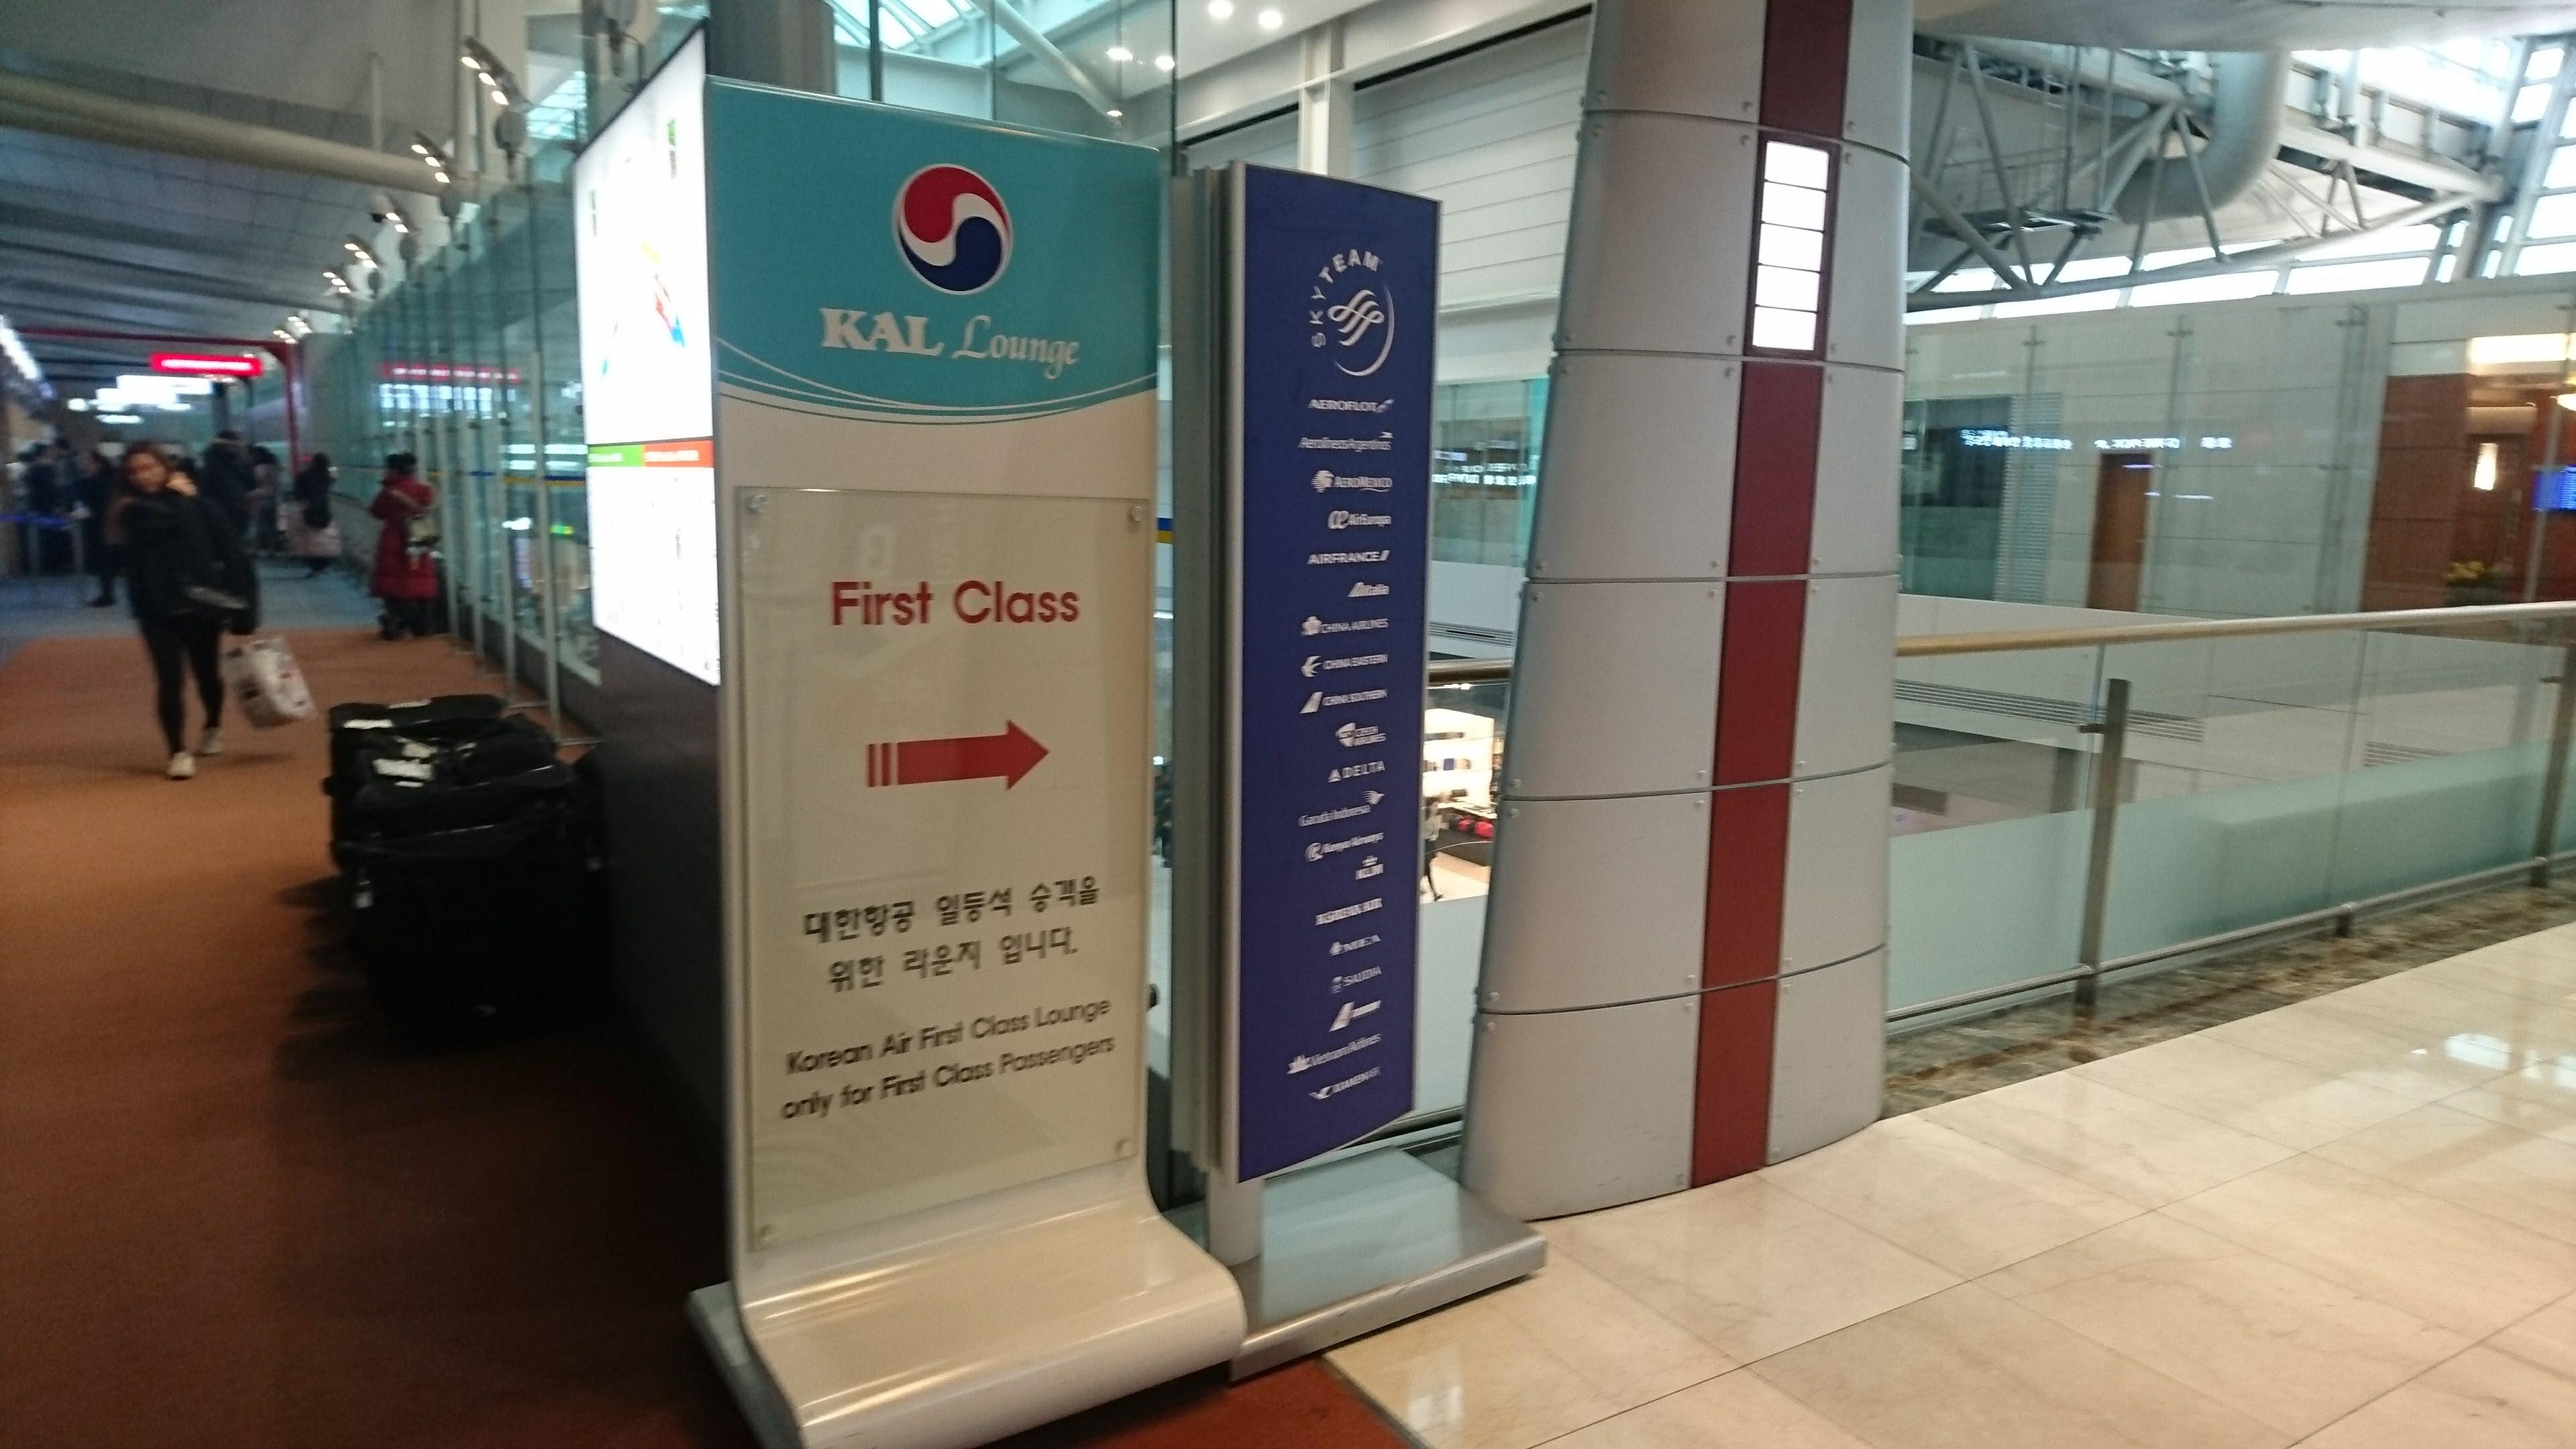 逆側の4階の空中通路手前にはファーストクラスラウンジの紹介と、大韓航空が属するスカイチームのPOPが配置されています。